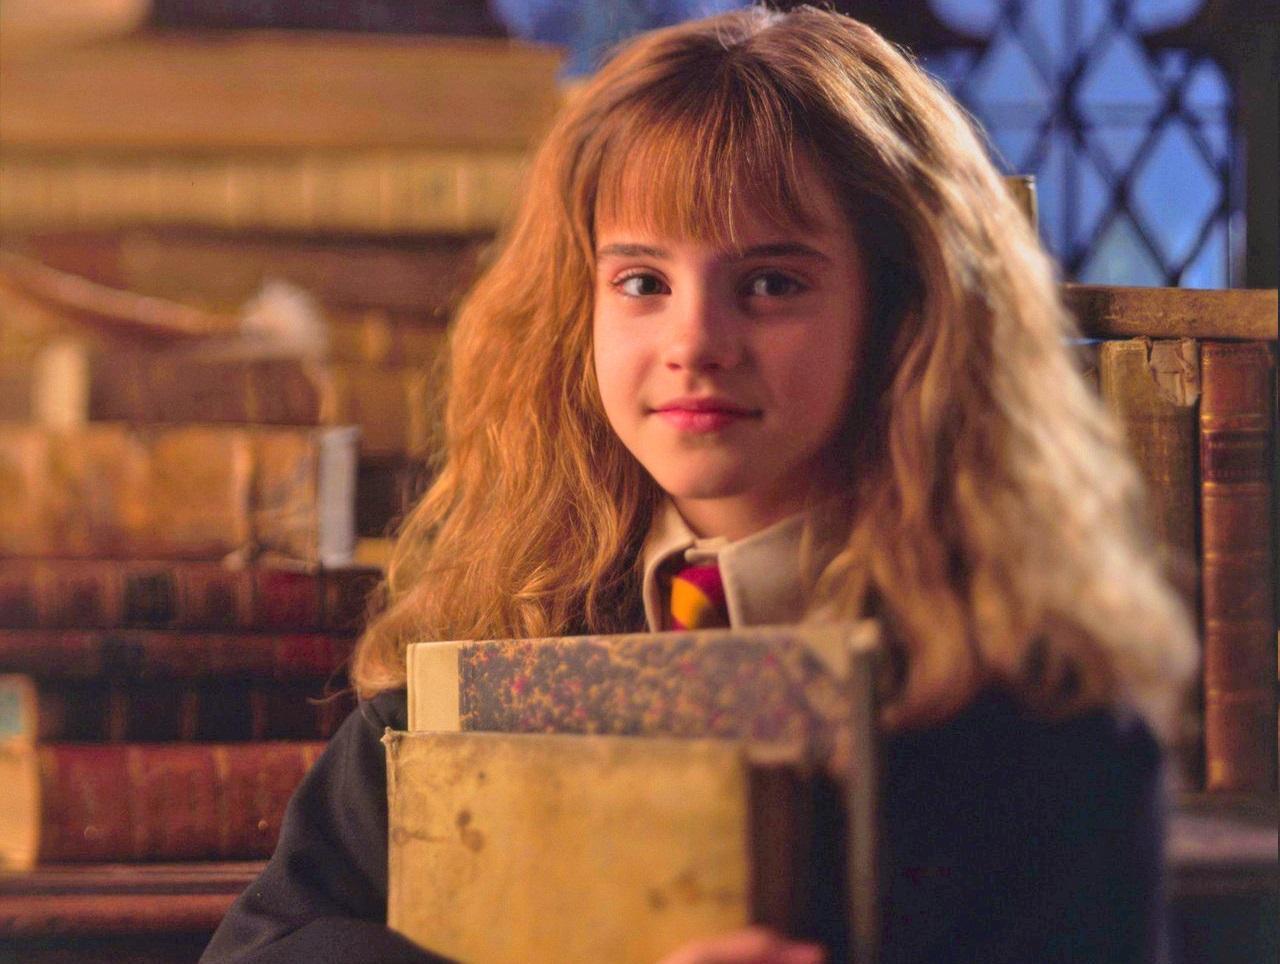 Facts About Emma Watson